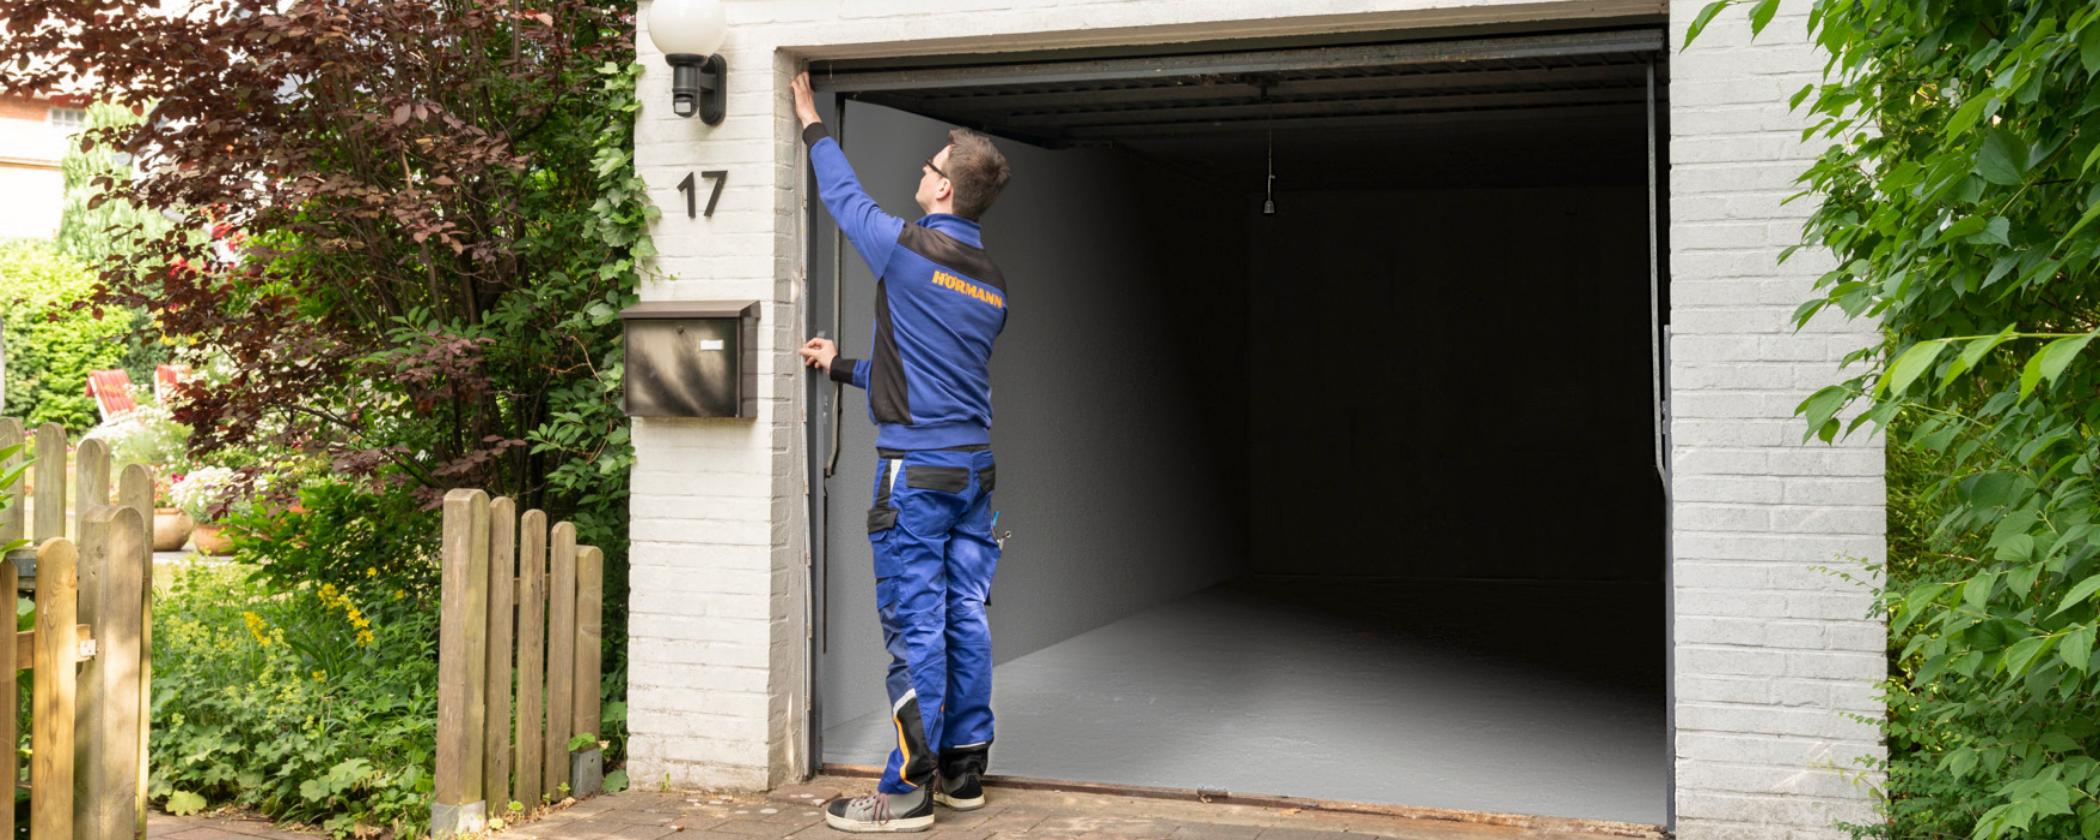 Turbo Garagentor einbauen lassen – 5 Schritte zum neuen Garagentor PM67